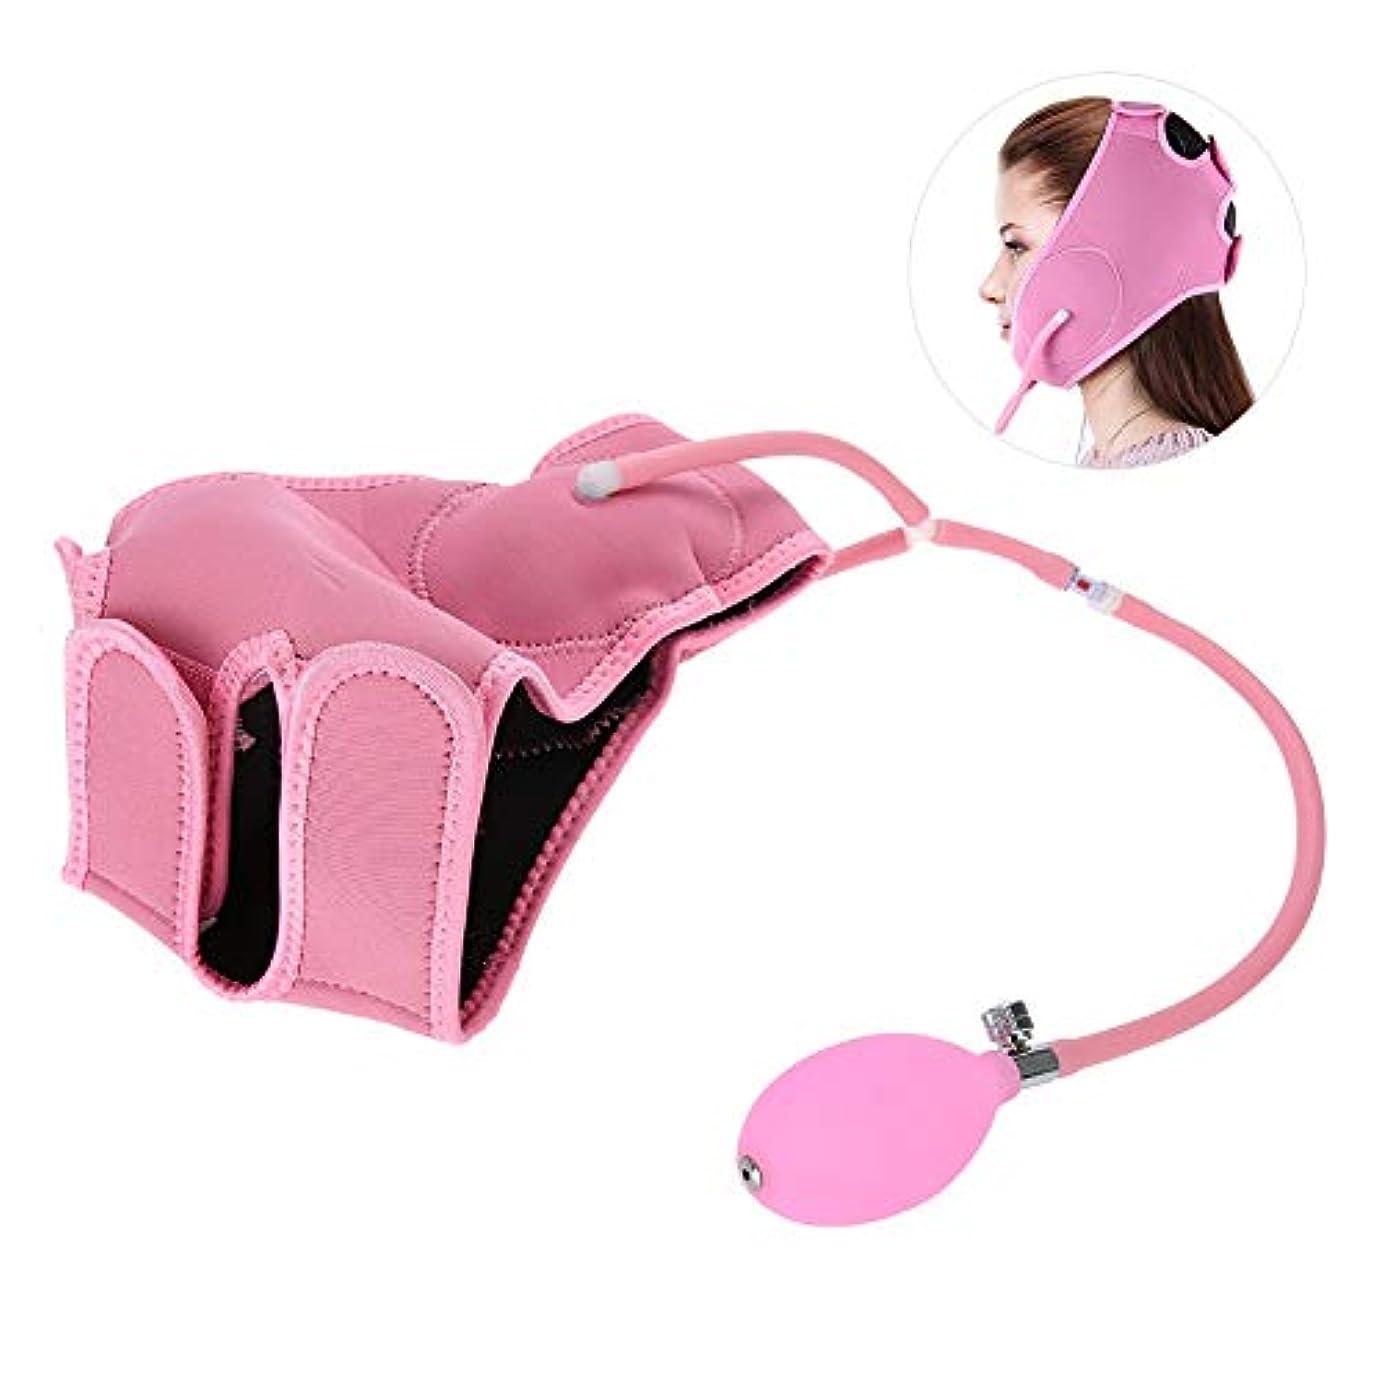 エアバッグフェイシャルマスク - フェイスマッサージベルト - 包帯/薄いフェイスベルト - 美容ツールピンク